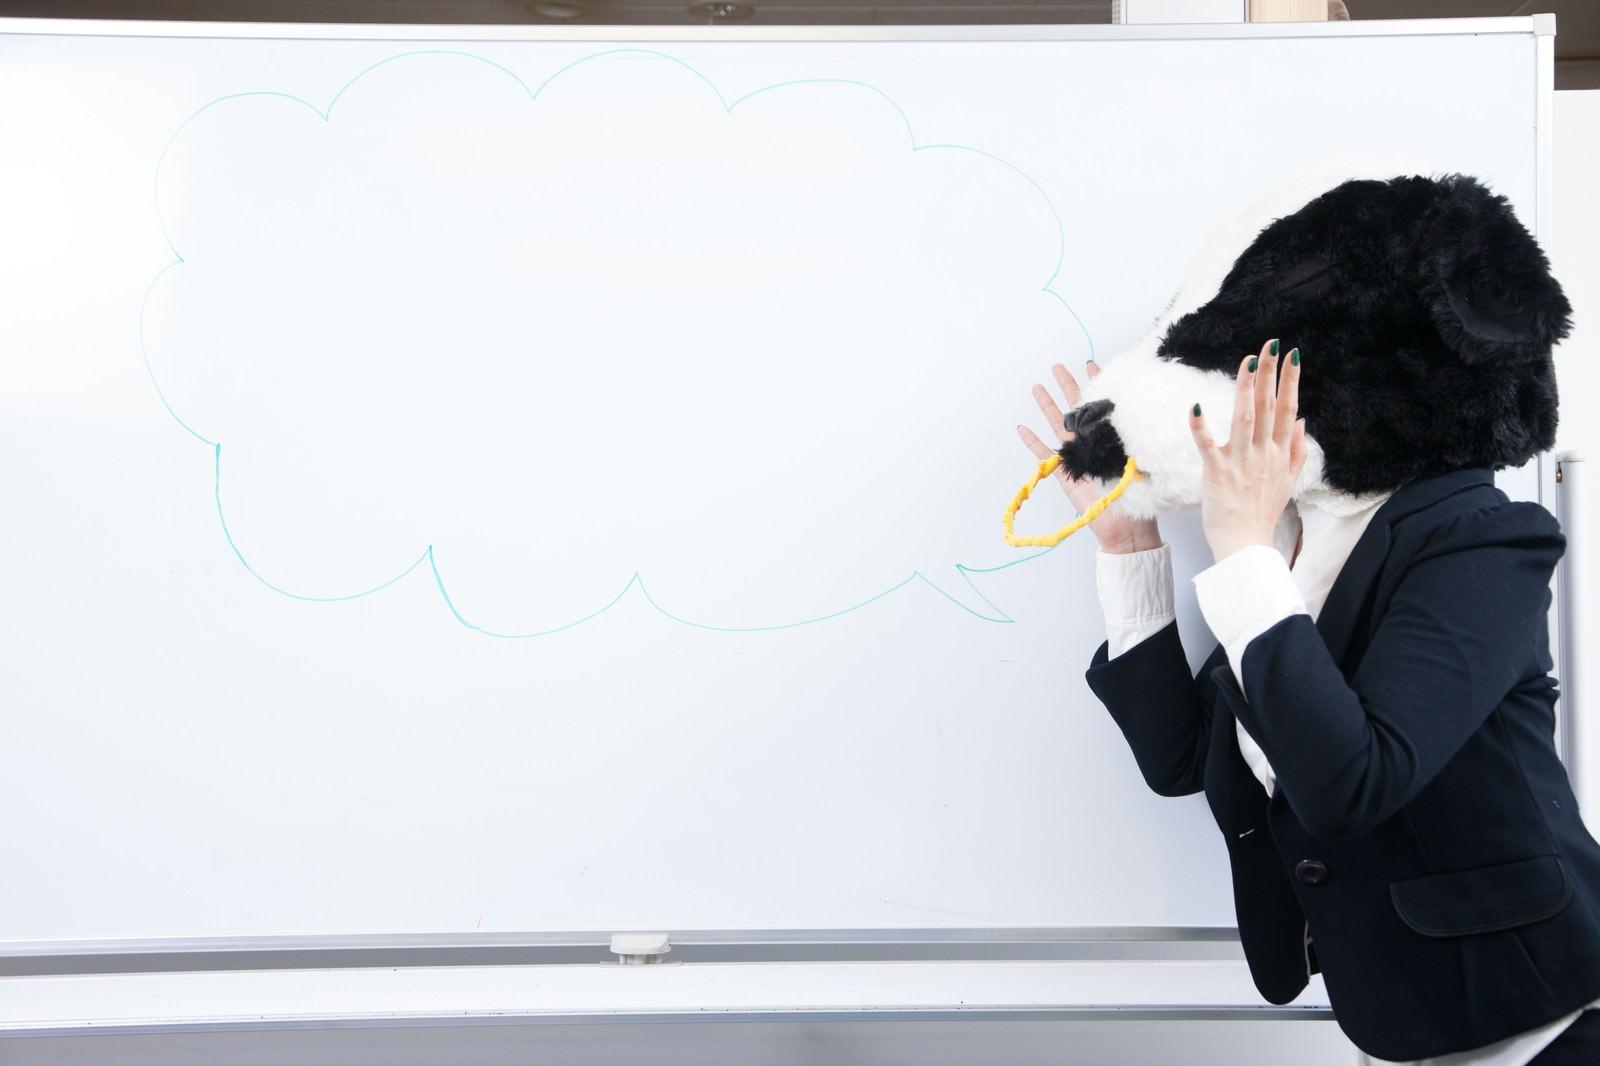 「会議室のホワイトボードに吹き出しを書く牛上司」の写真[モデル:古性のっち]